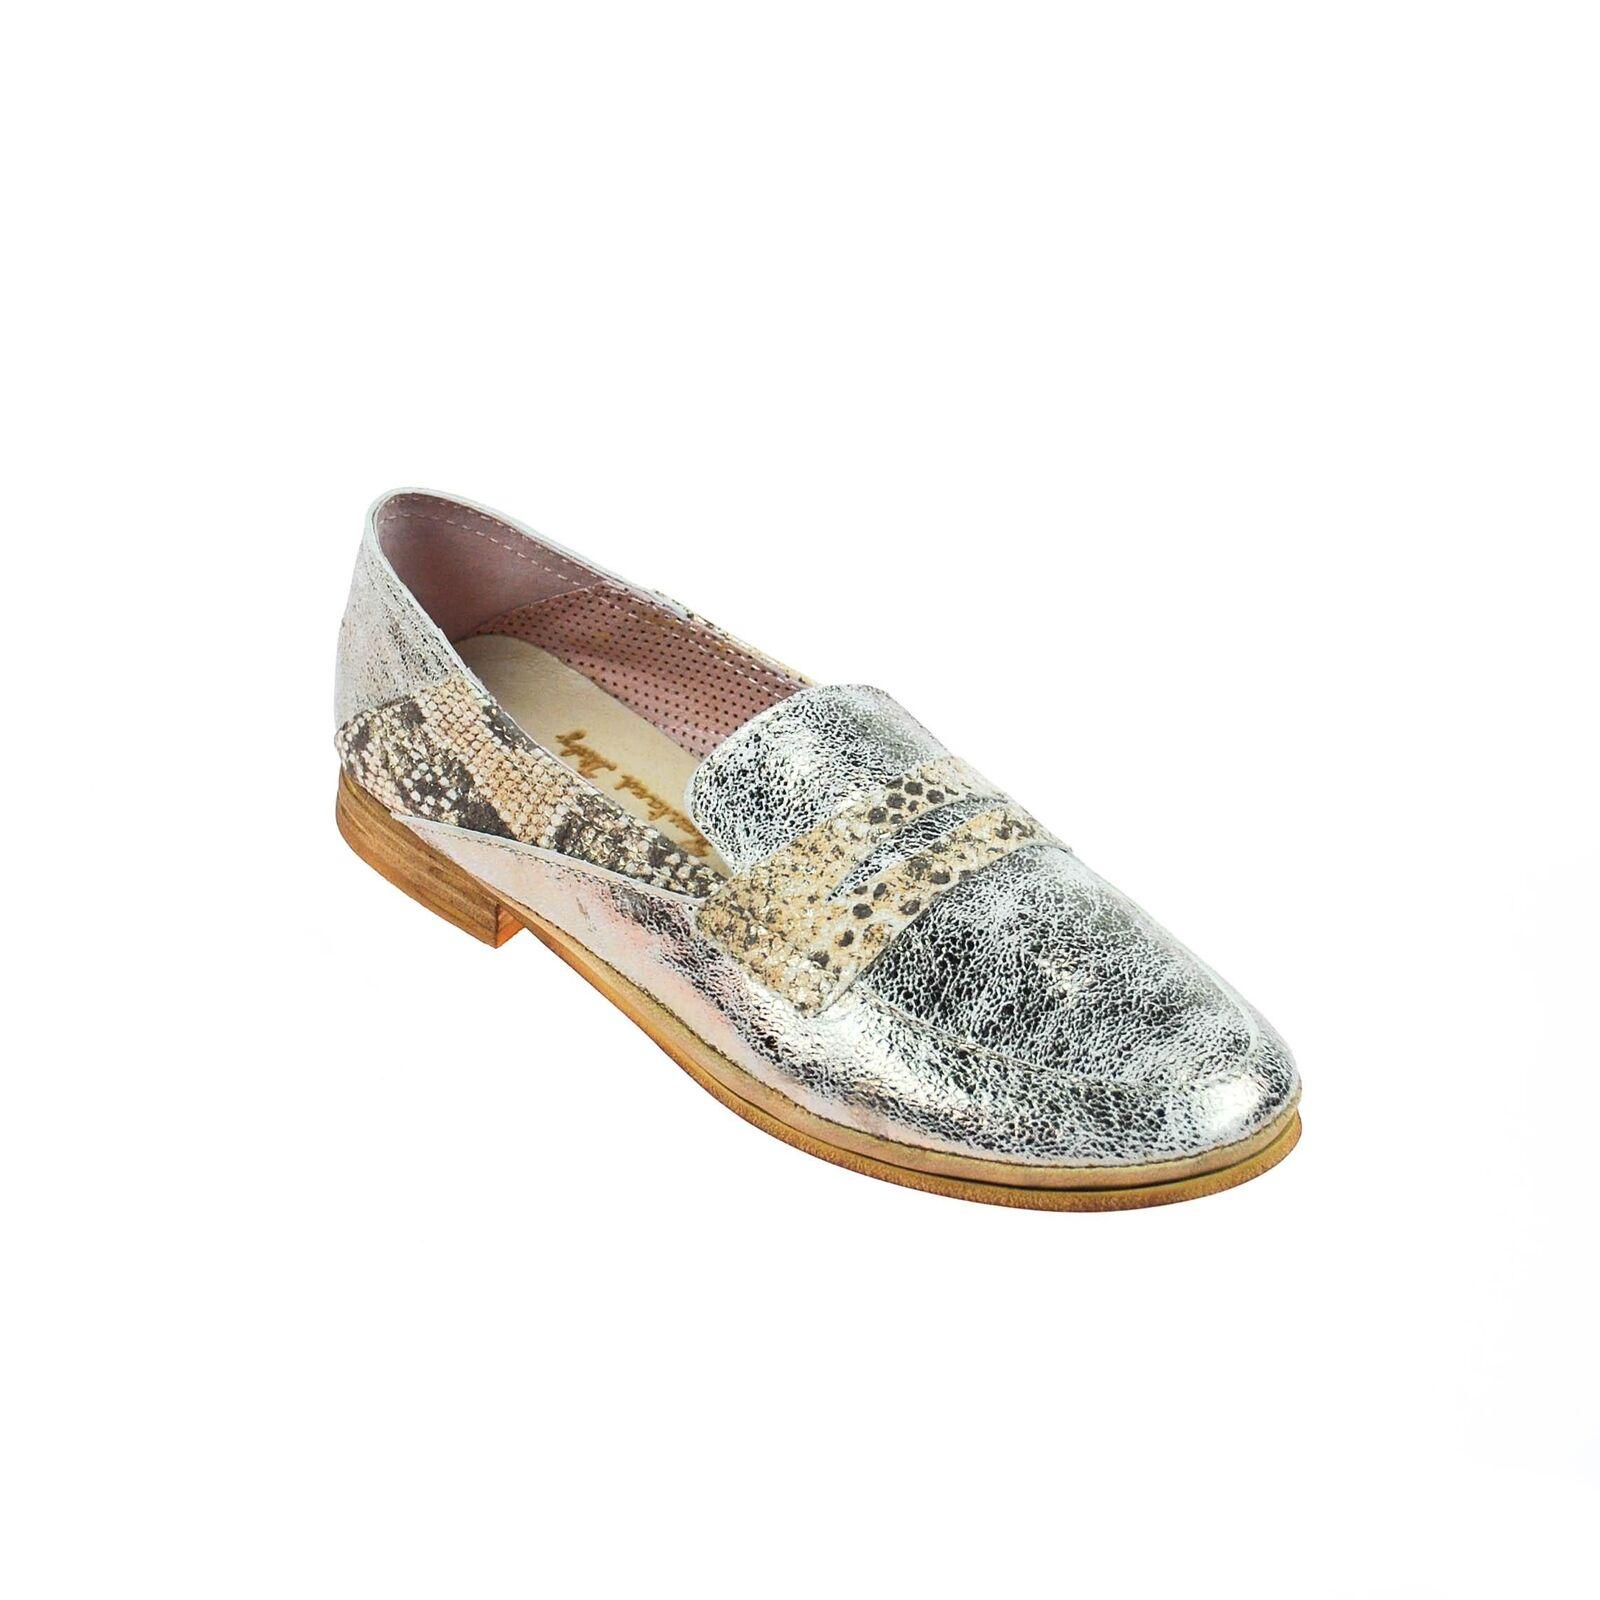 Zapatos casuales salvajes Descuento por tiempo limitado Charme Damen Halbschuh Slipper Leder Silber Gold Rose Mehrfarbig